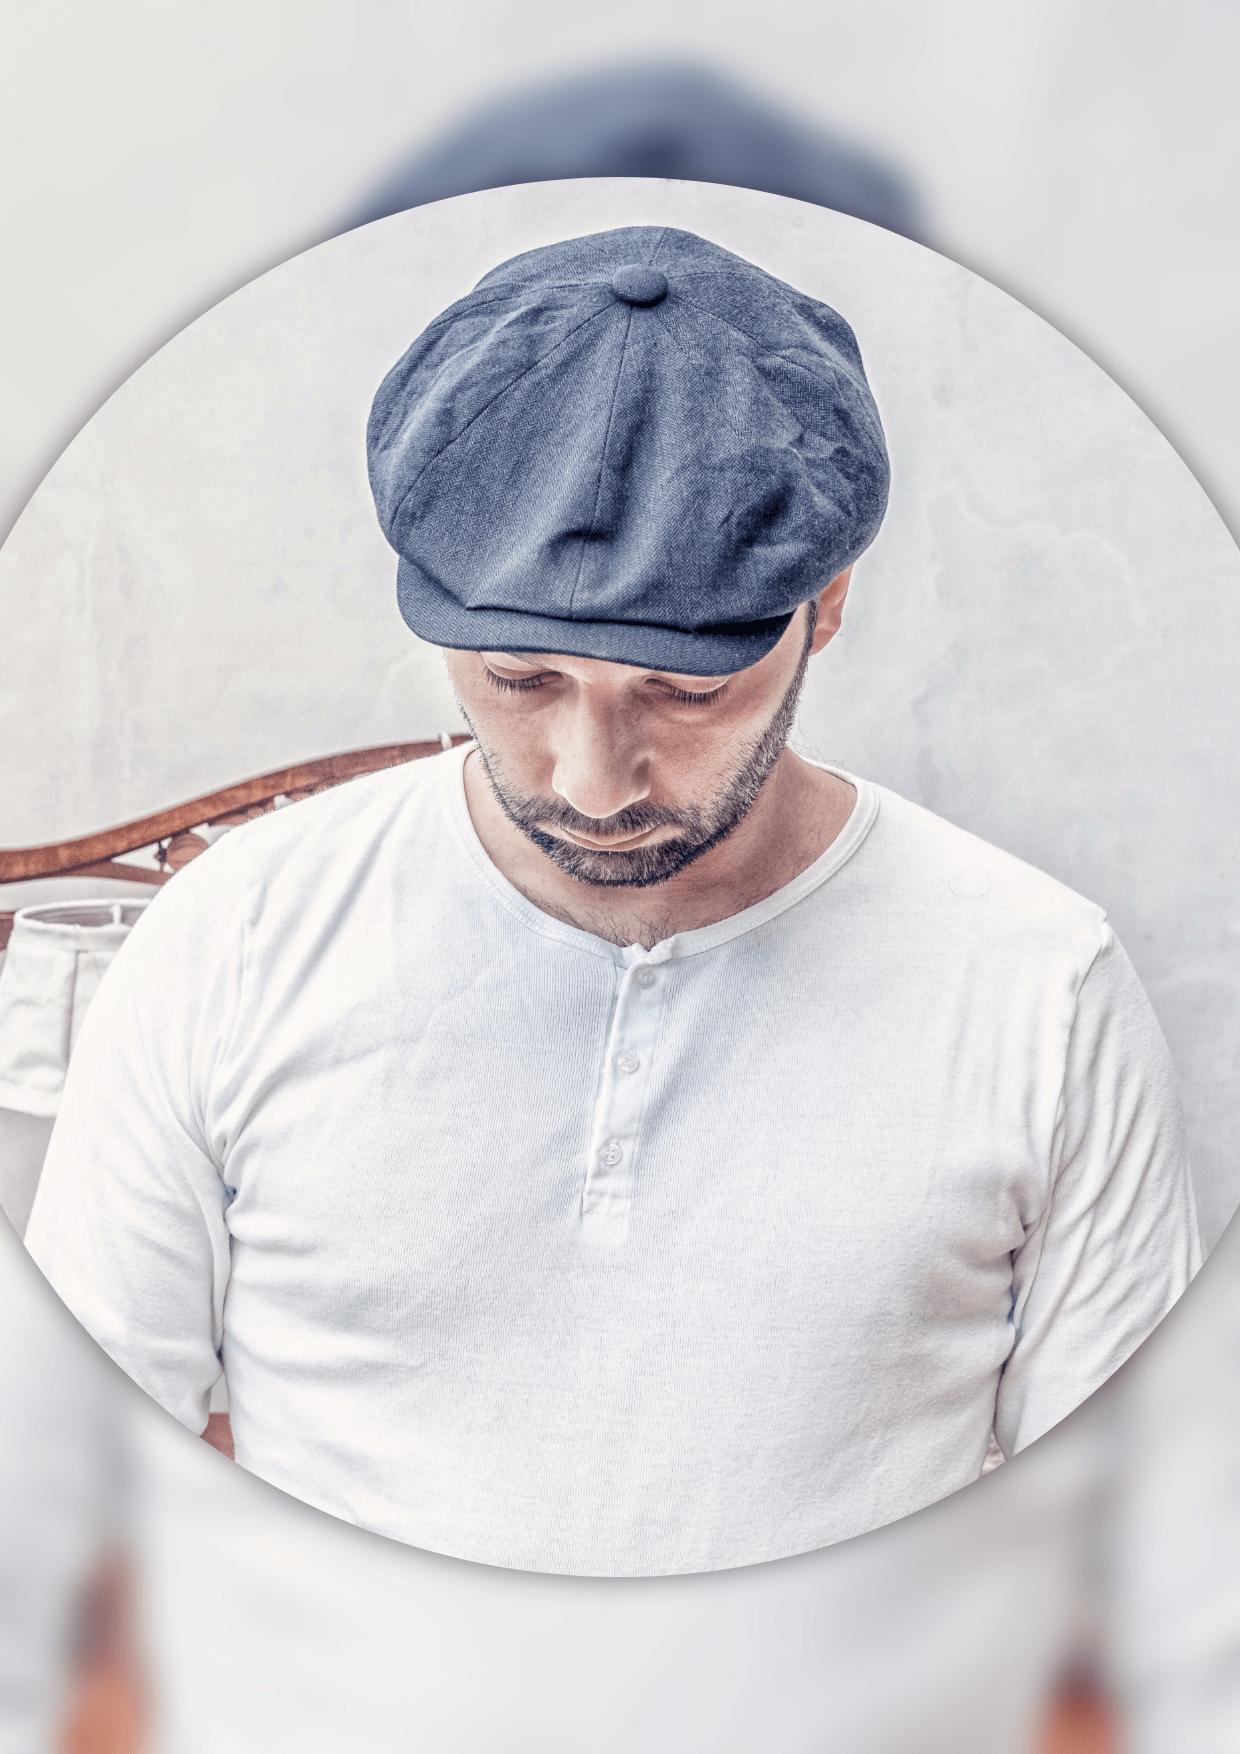 White,                Clothing,                Cap,                Head,                Hat,                Mockup,                Frame,                Image,                Avatar,                 Free Image